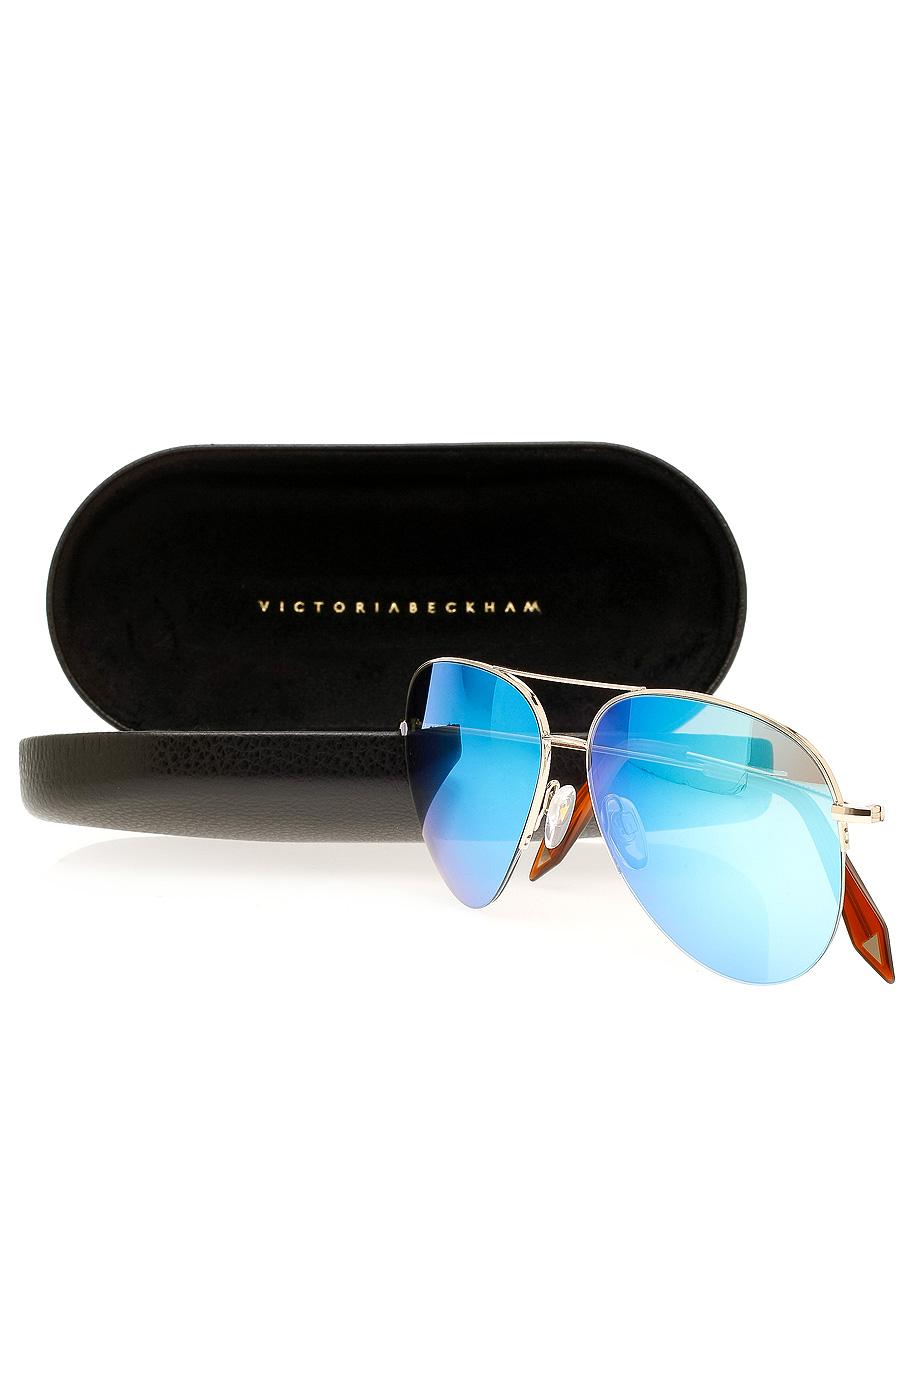 4a92954361 Victoria Beckham Sunglasses Classic Aviator « One More Soul